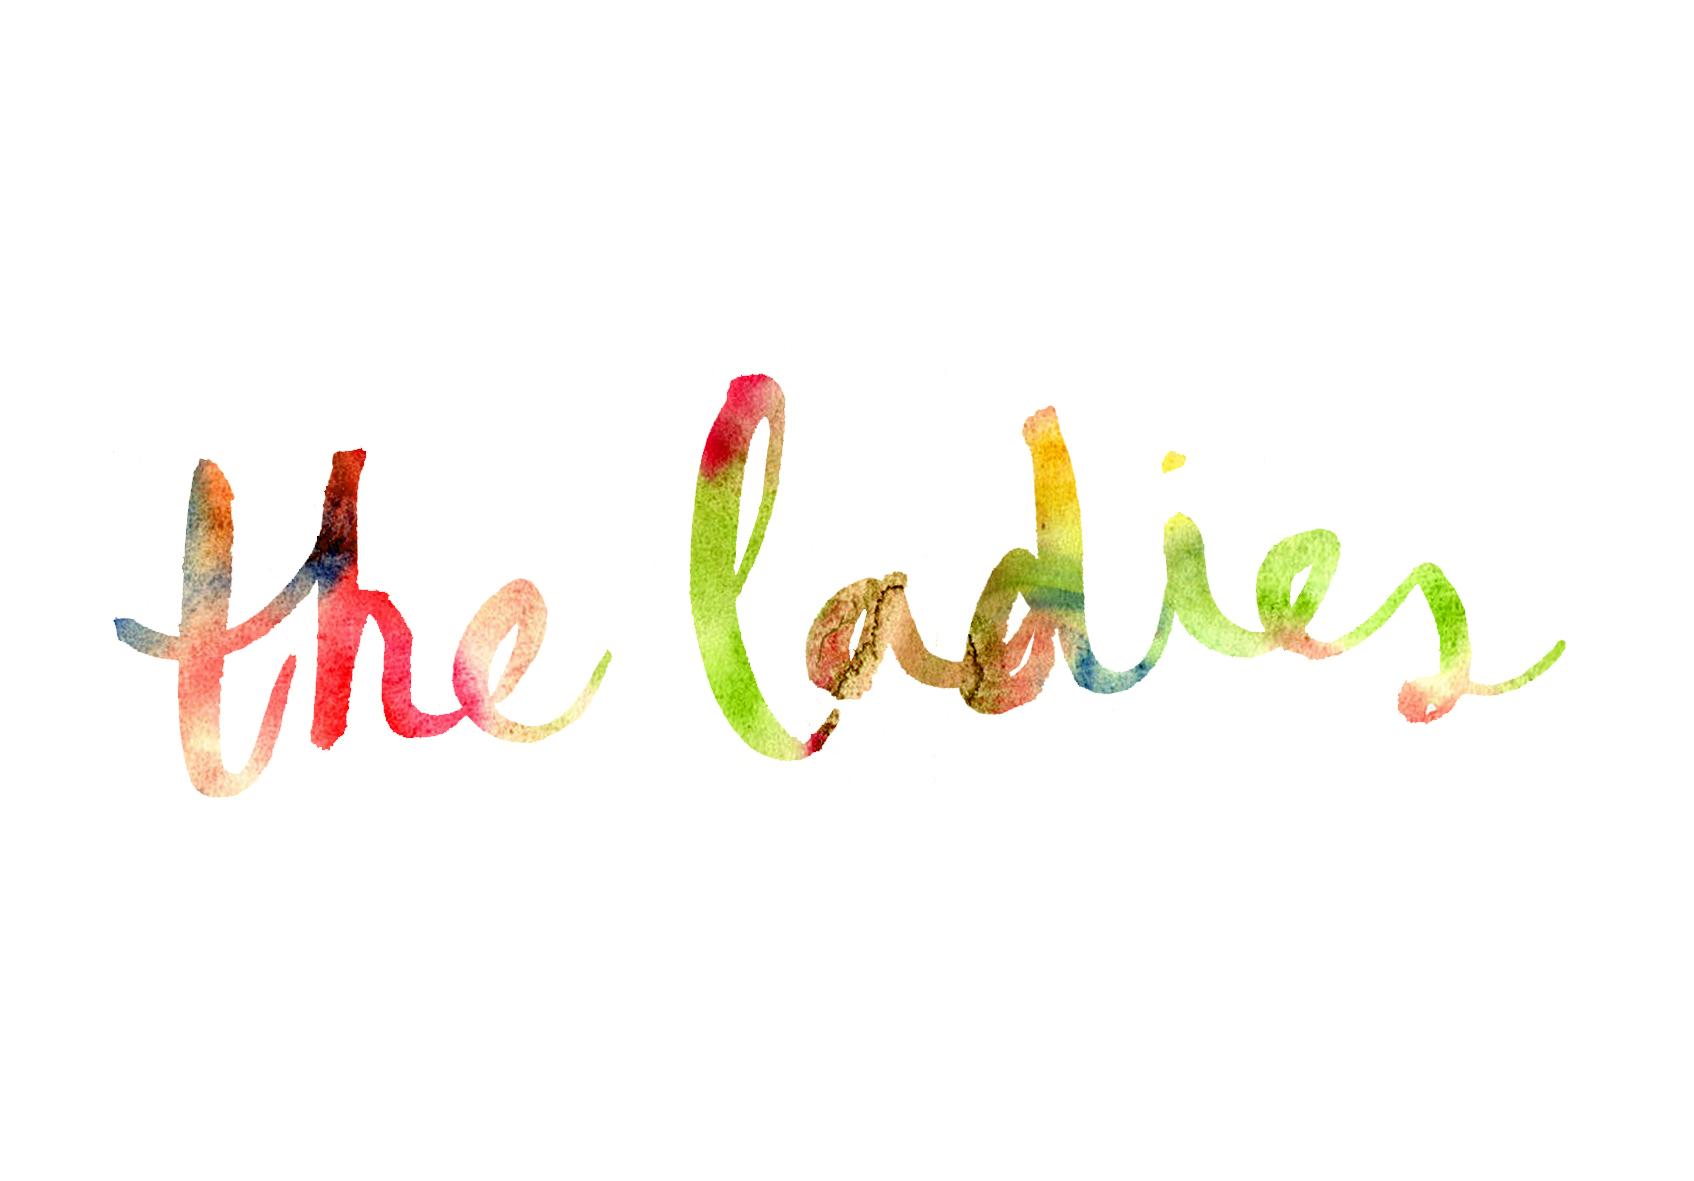 LOGO DESIGN FOR ART CONSULTANCY 'THE LADIES' - 2013